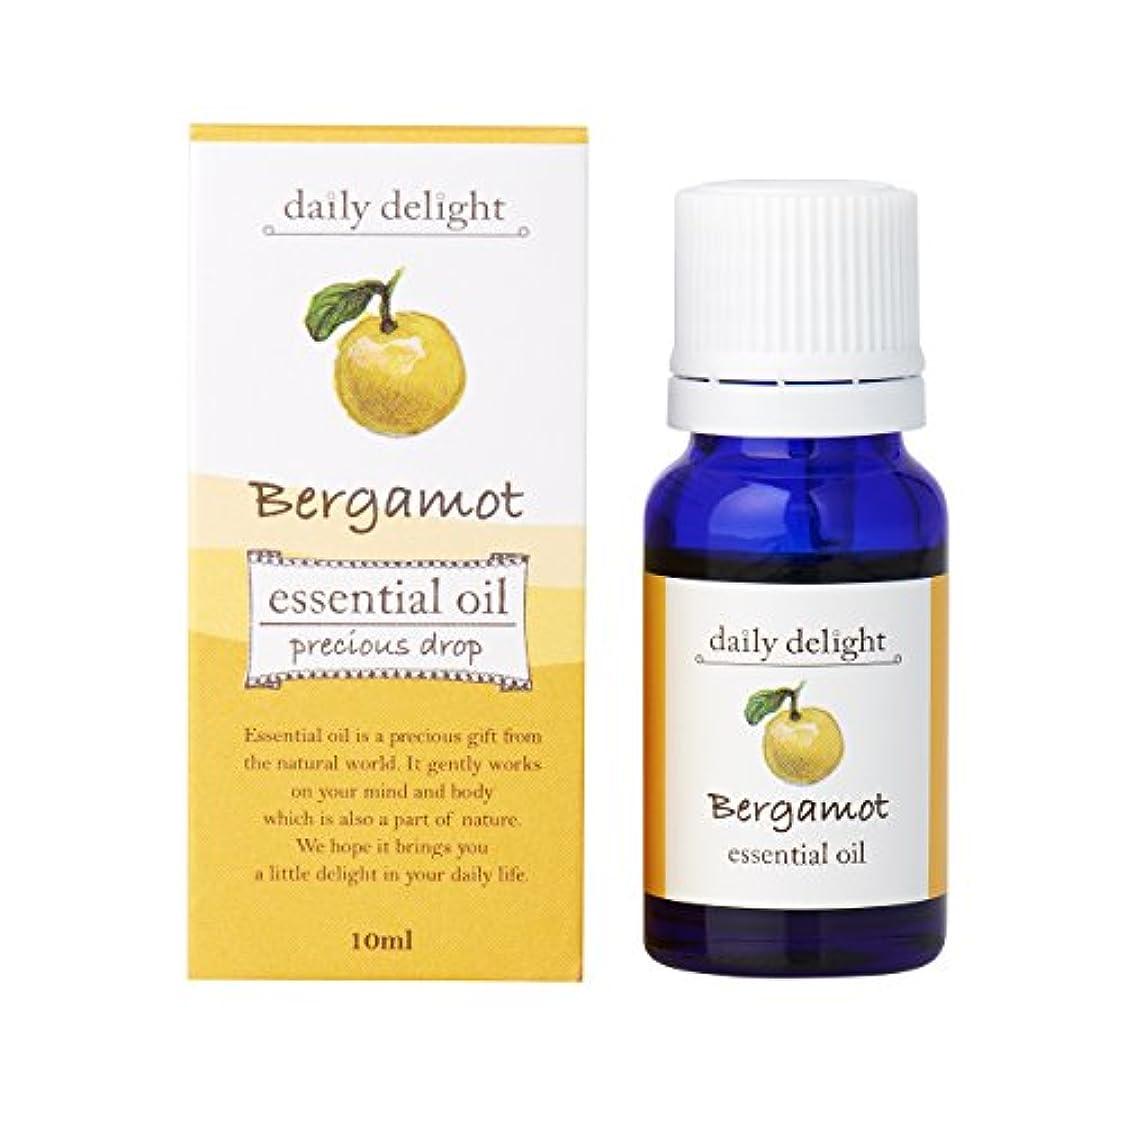 痛いデマンドブリリアントデイリーディライト エッセンシャルオイル  ベルガモット 10ml(天然100% 精油 アロマ 柑橘系 甘さが少なめでみずみずしく美しい香り)